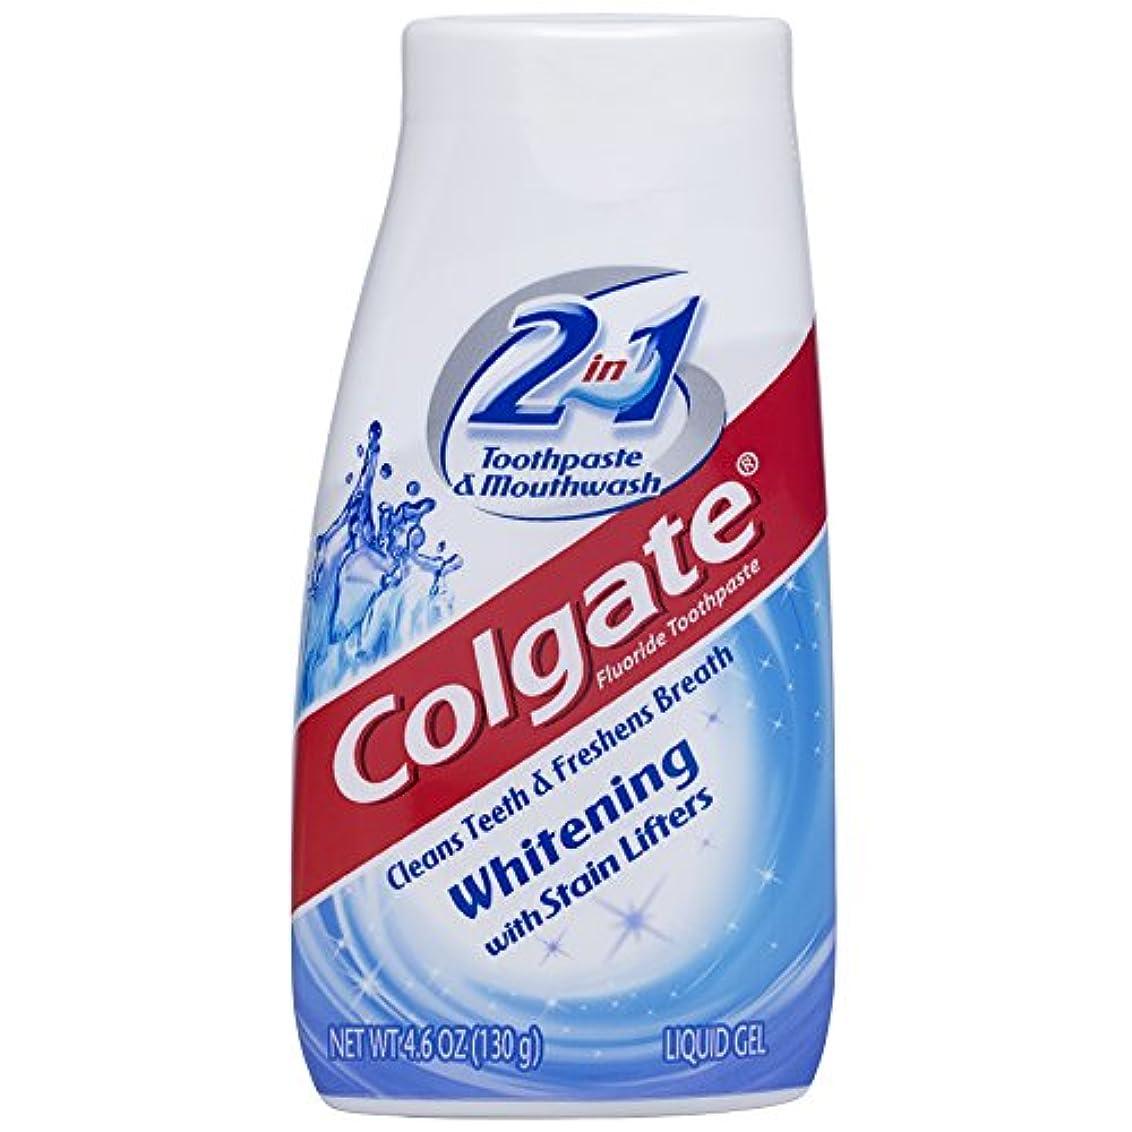 米ドル知り合いになる科学者海外直送品Colgate 2 In 1 Toothpaste & Mouthwash Whitening, 4.6 oz by Colgate